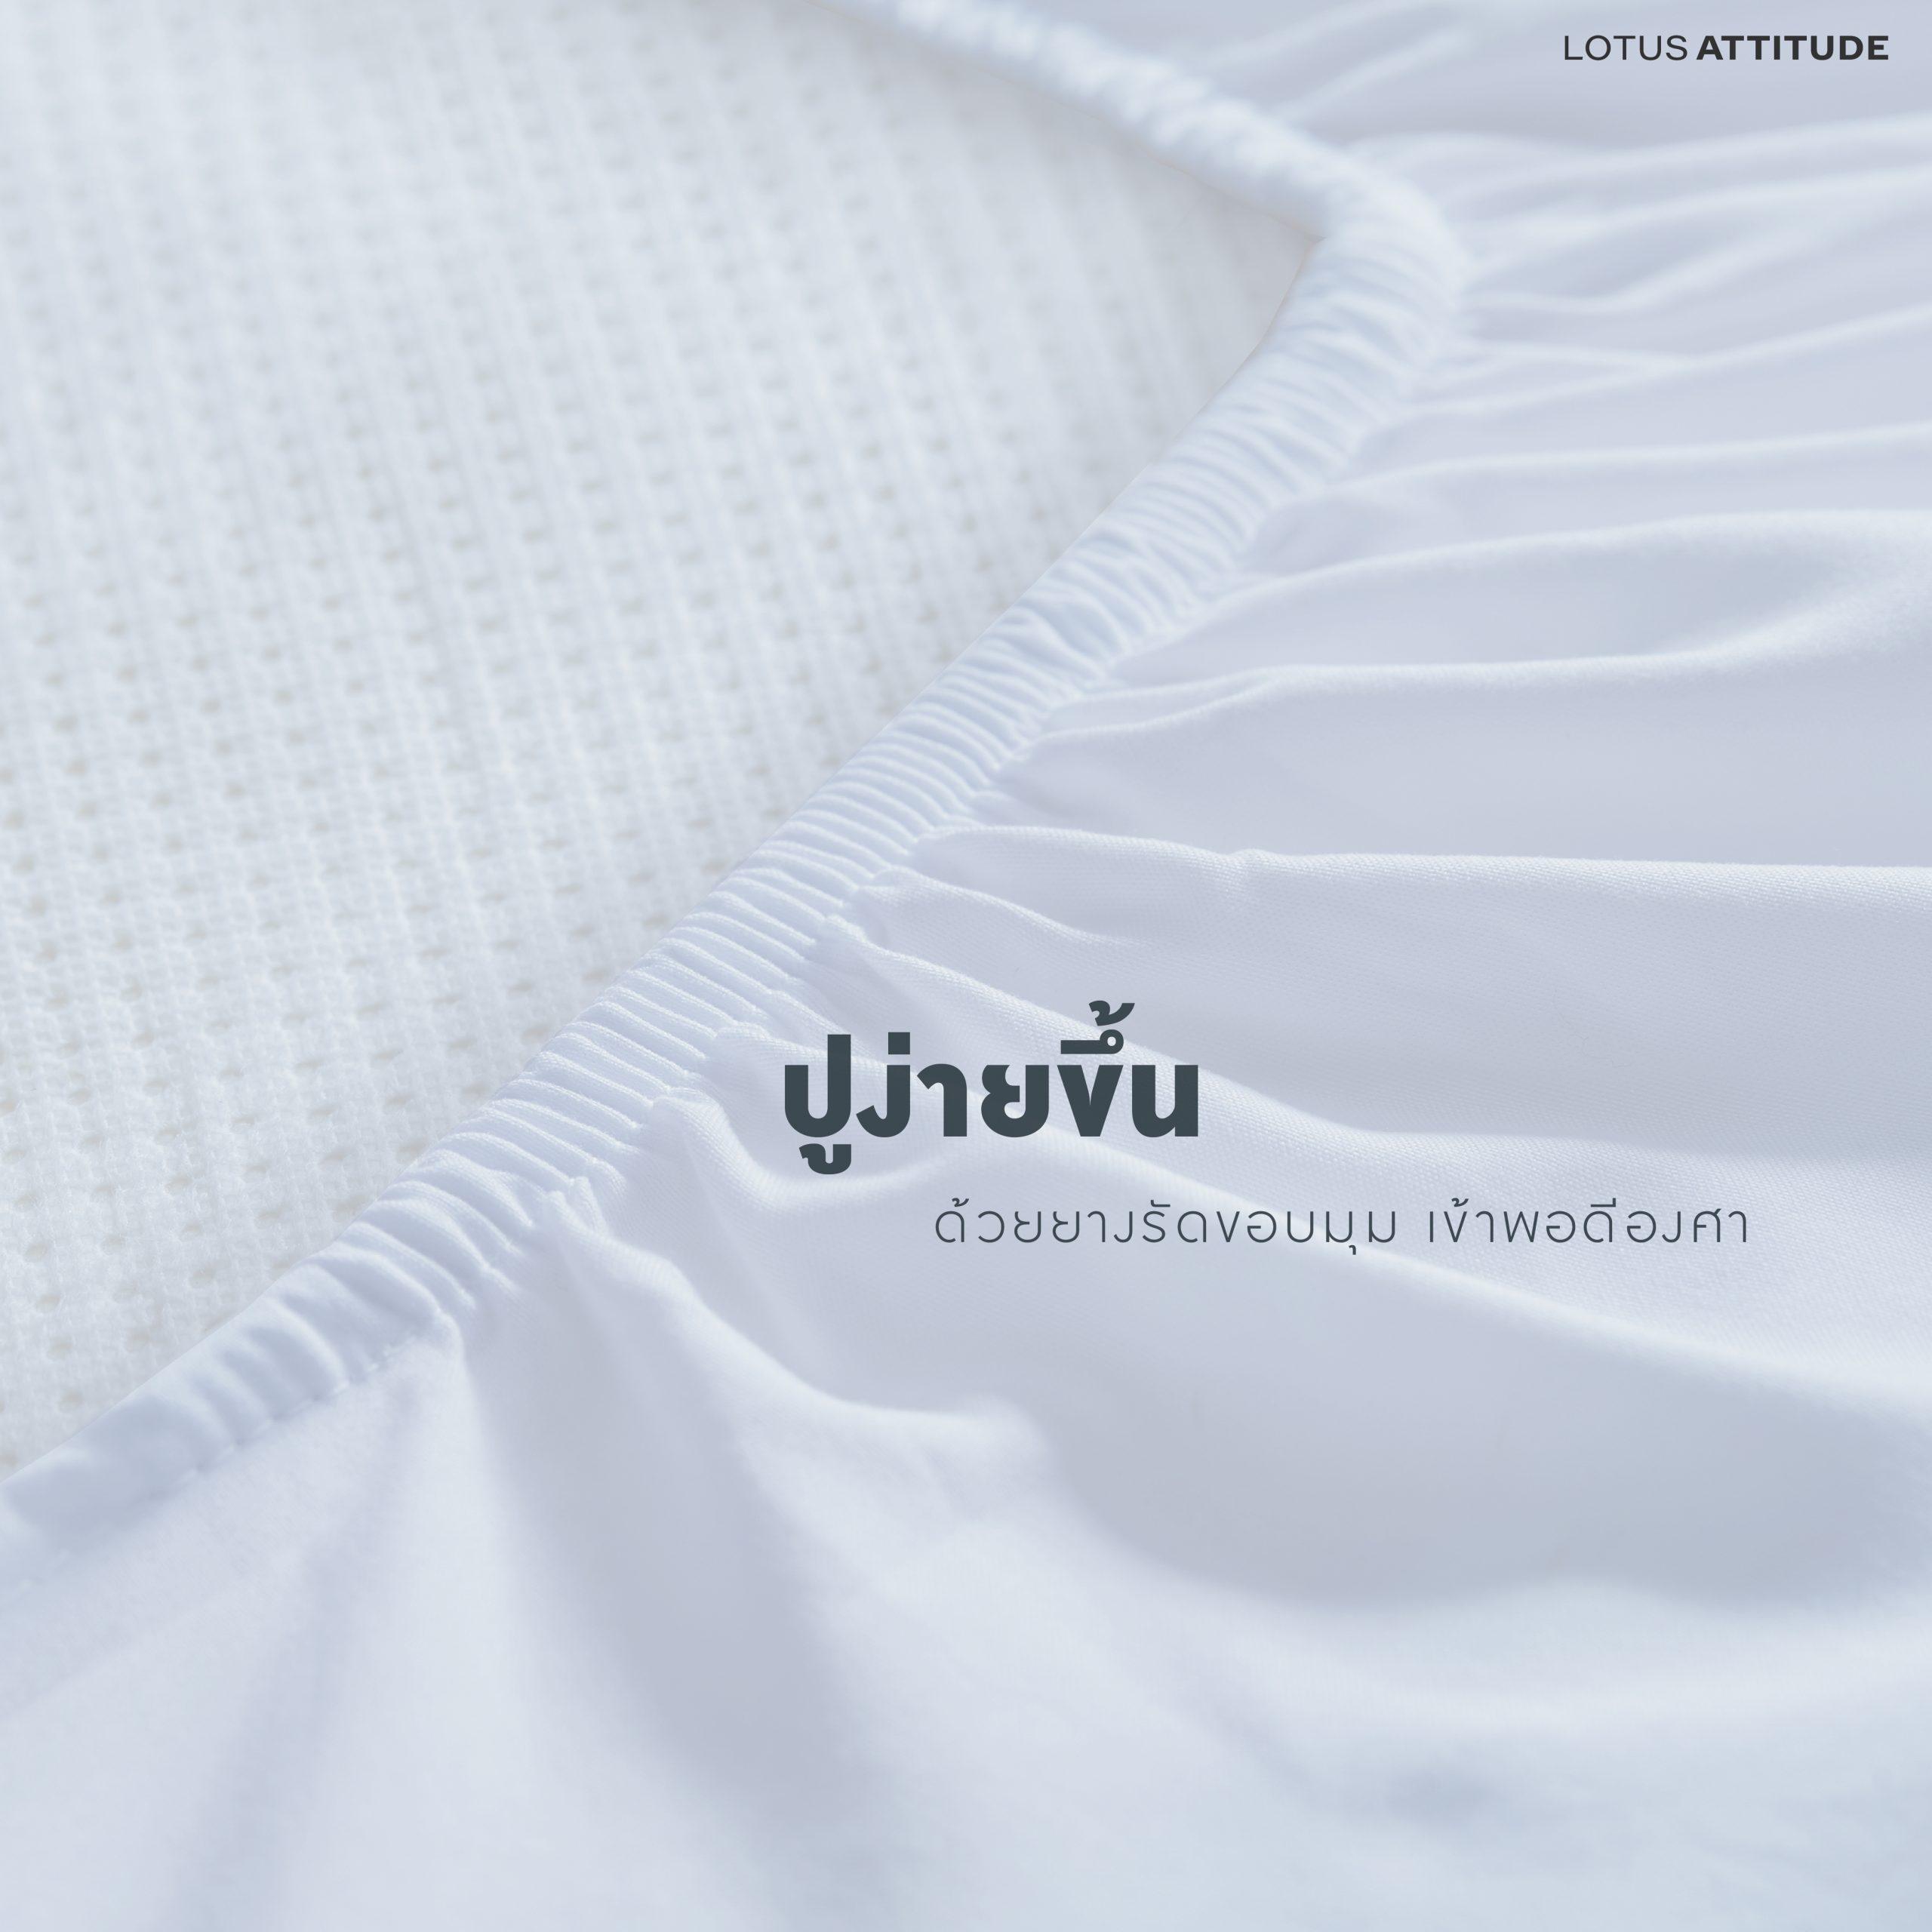 ผ้า LOTUS ATTITUDE อินโฟ_04